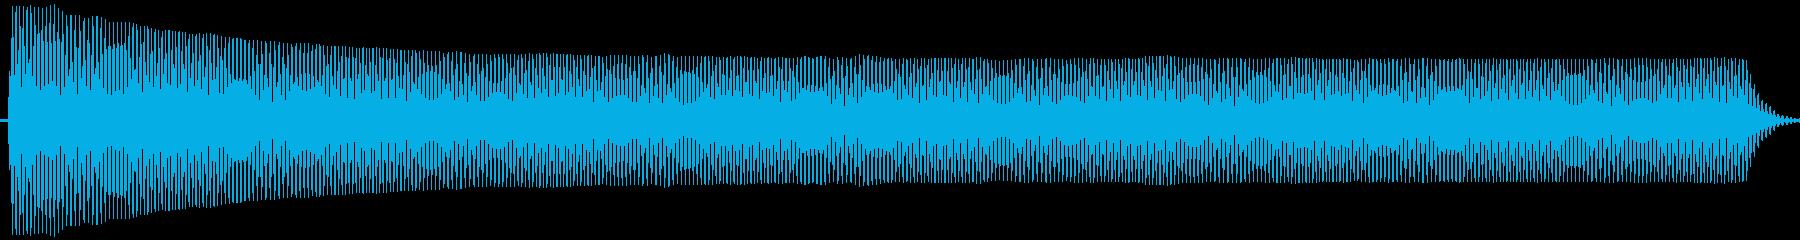 ポヨヨ。言葉を伏せる音(低・短)の再生済みの波形